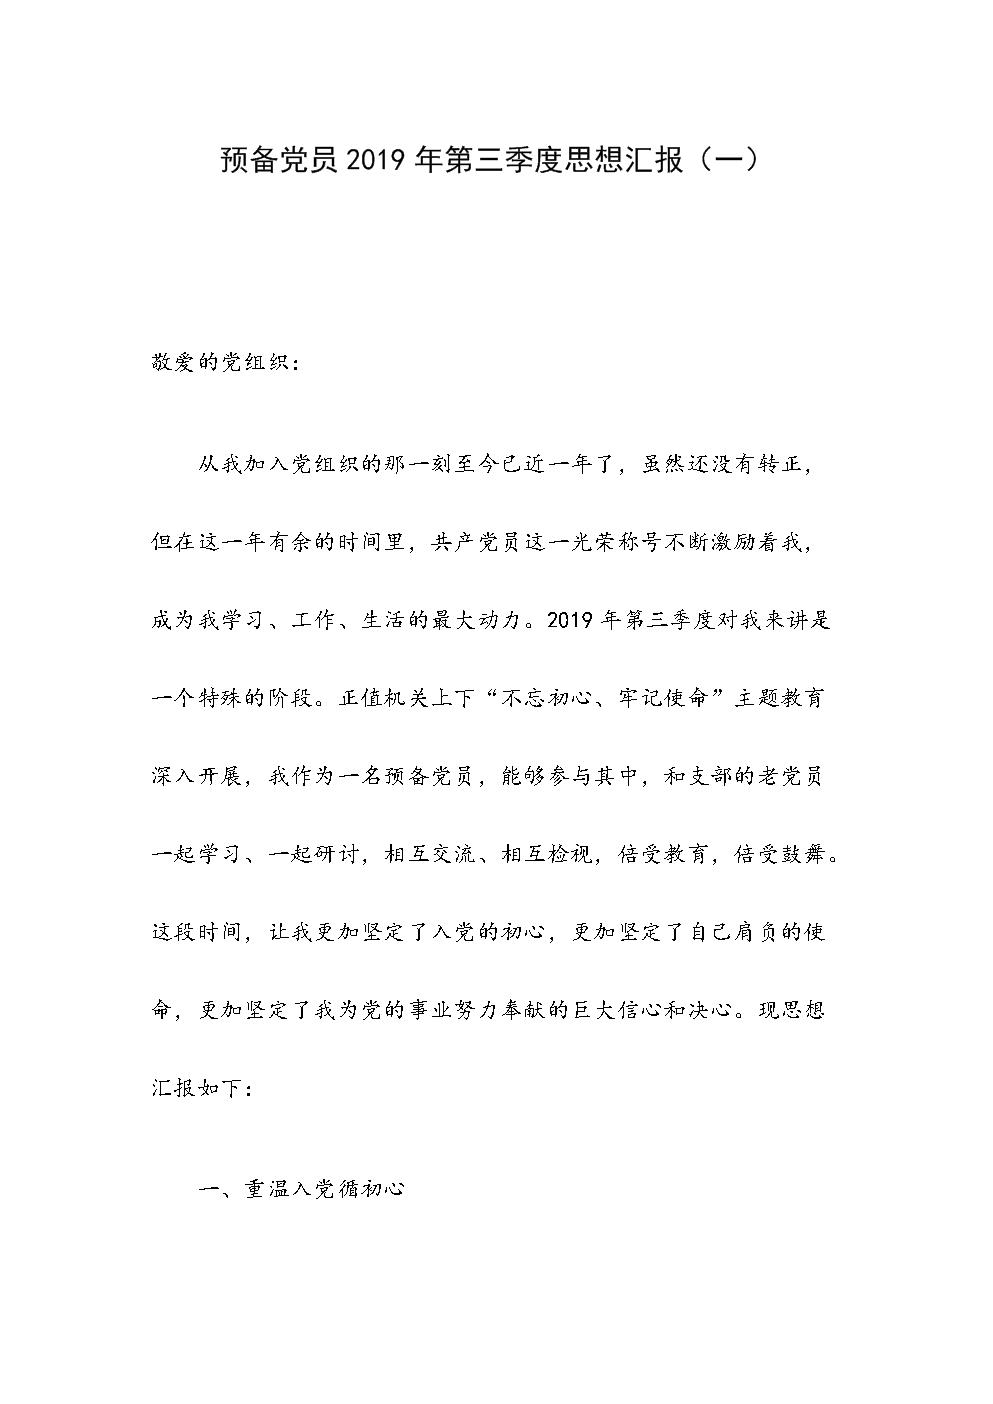 预备党员2019年第三季度思想汇报(一).docx